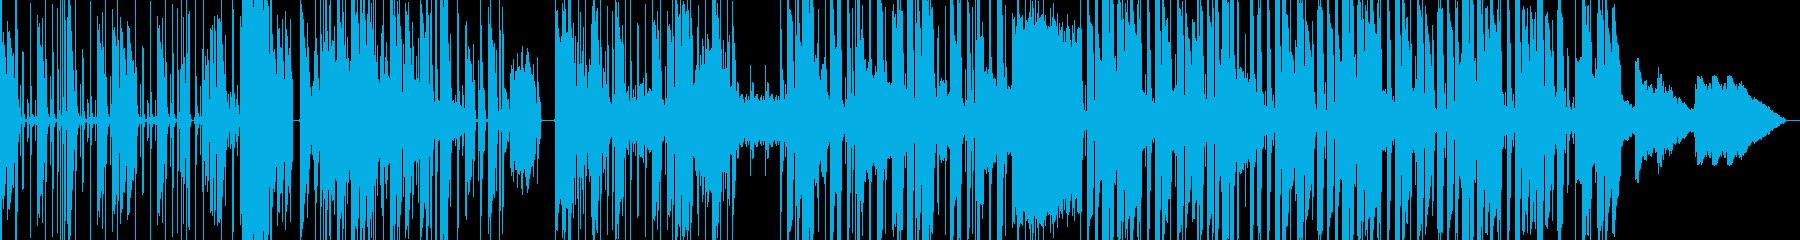 コミカルなhiphopbeatsの再生済みの波形